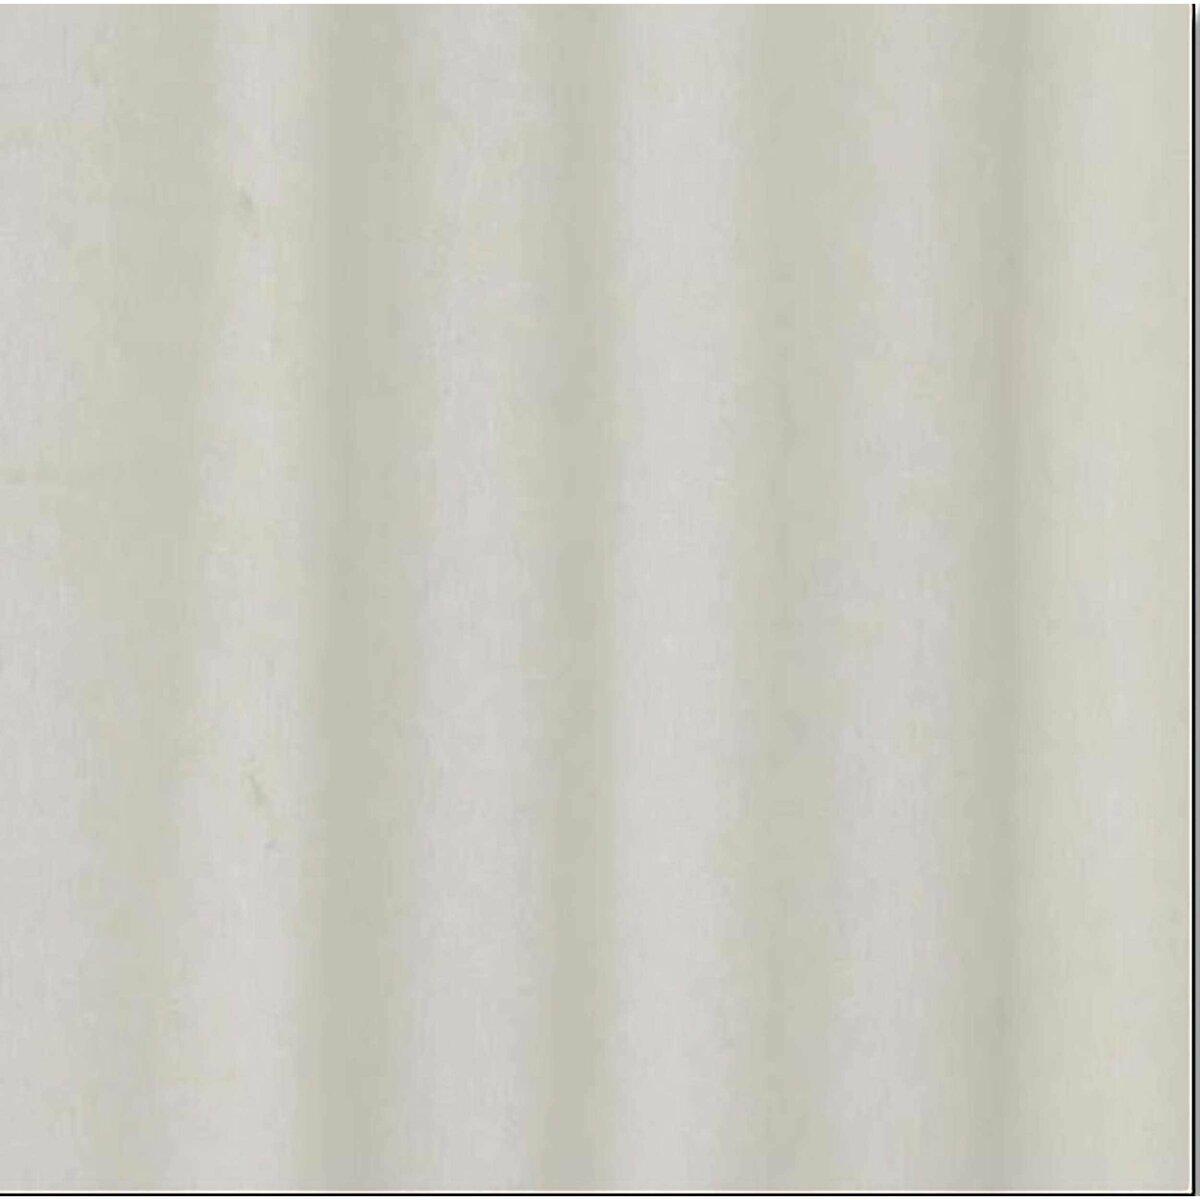 Bild 2 von Esprit Ösenschal   Harp 140 x 250 cm